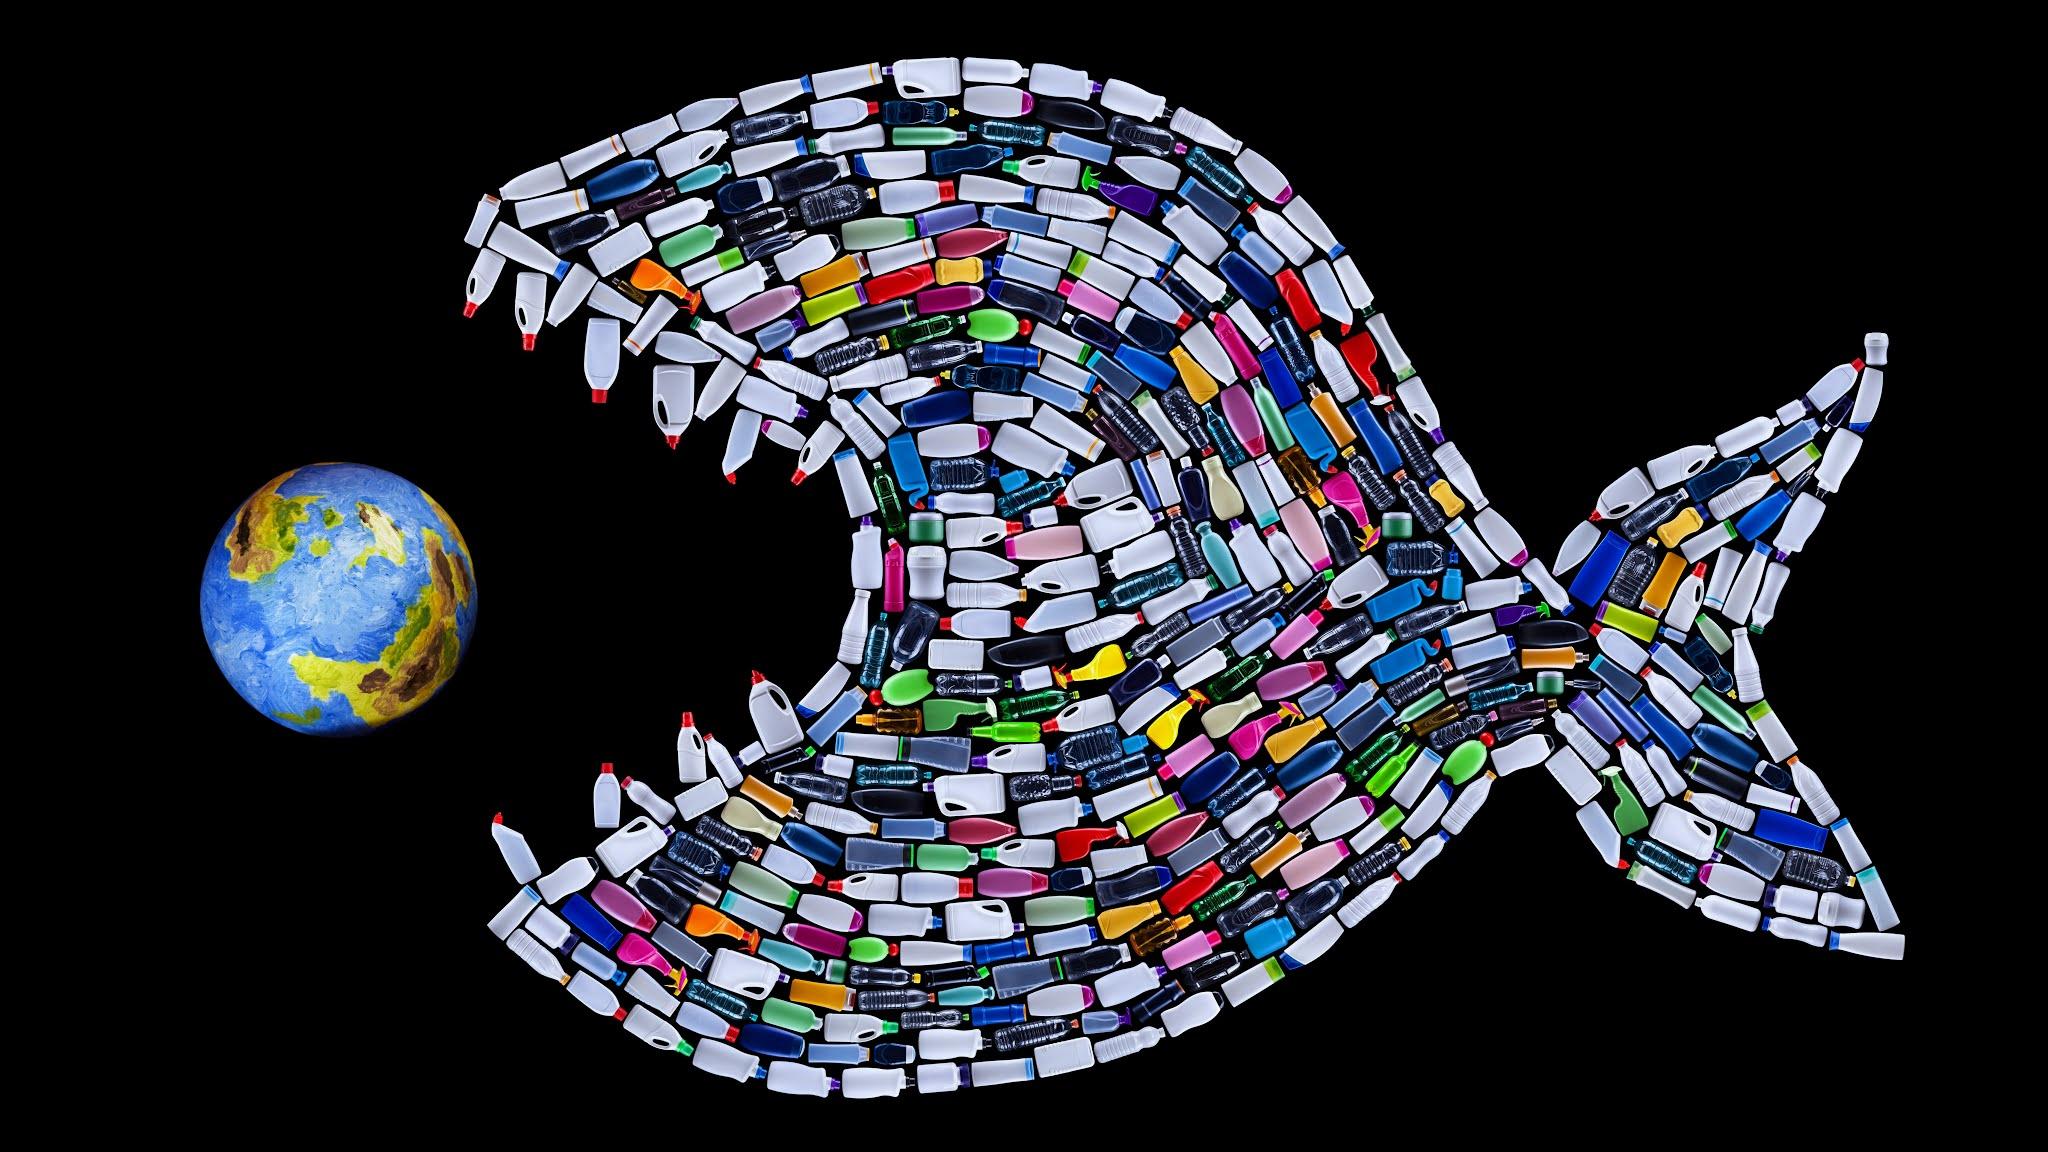 Denko 2021 1/2 - Tu jest jakby mniej plastiku.